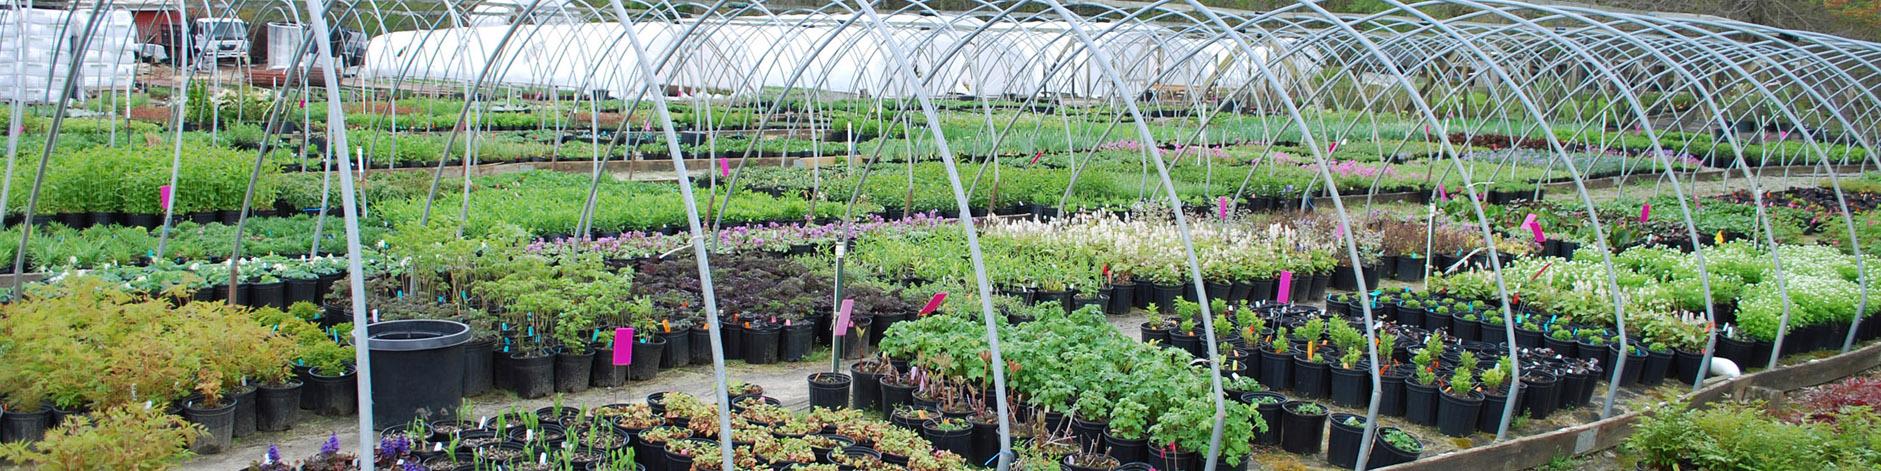 Plantersu0027 Choice | Connecticutu0027s Wholesale Nursery